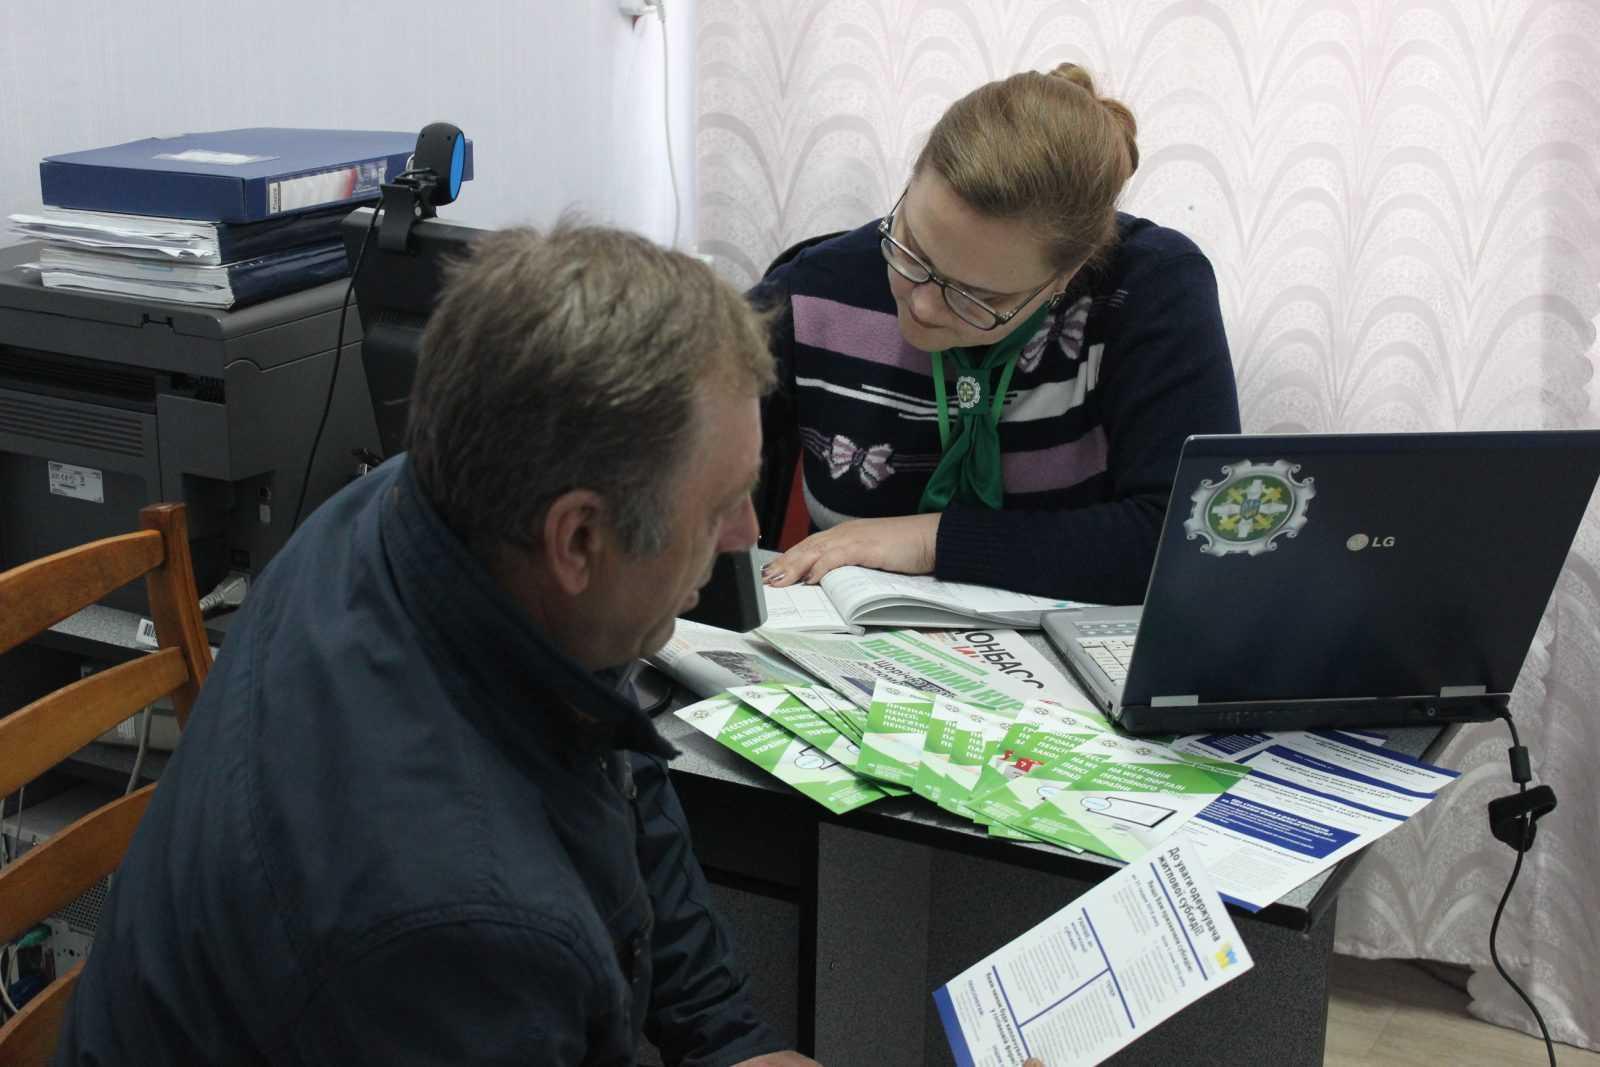 Мешканці Новотроїцького отримали роз'яснення про перерахунки пенсій поточного року